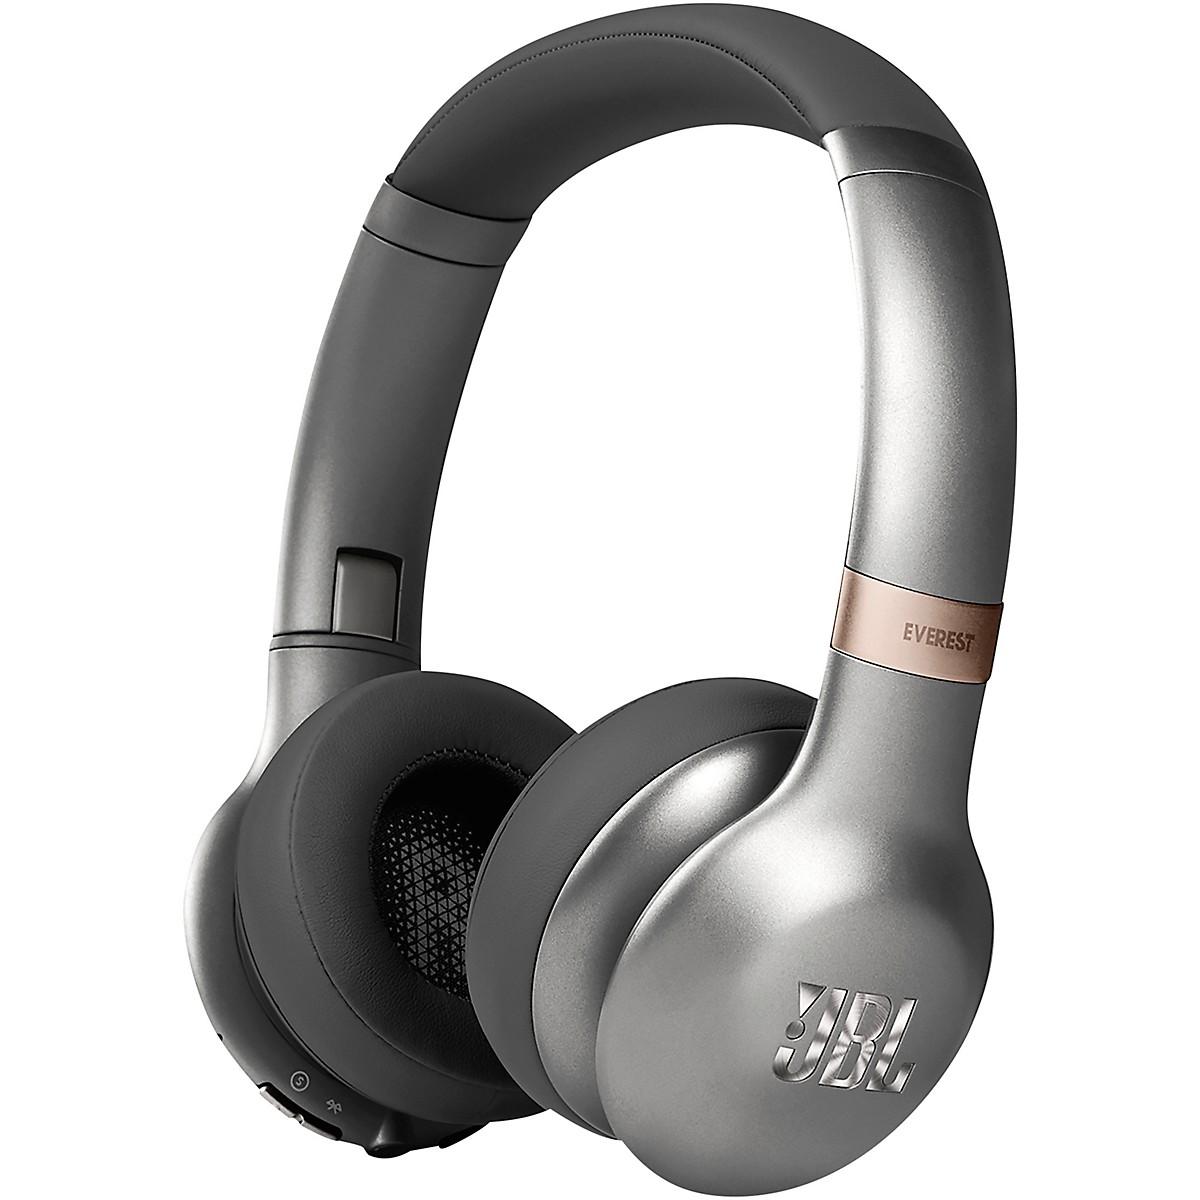 JBL Everest 310 Wireless On-Ear Headphones